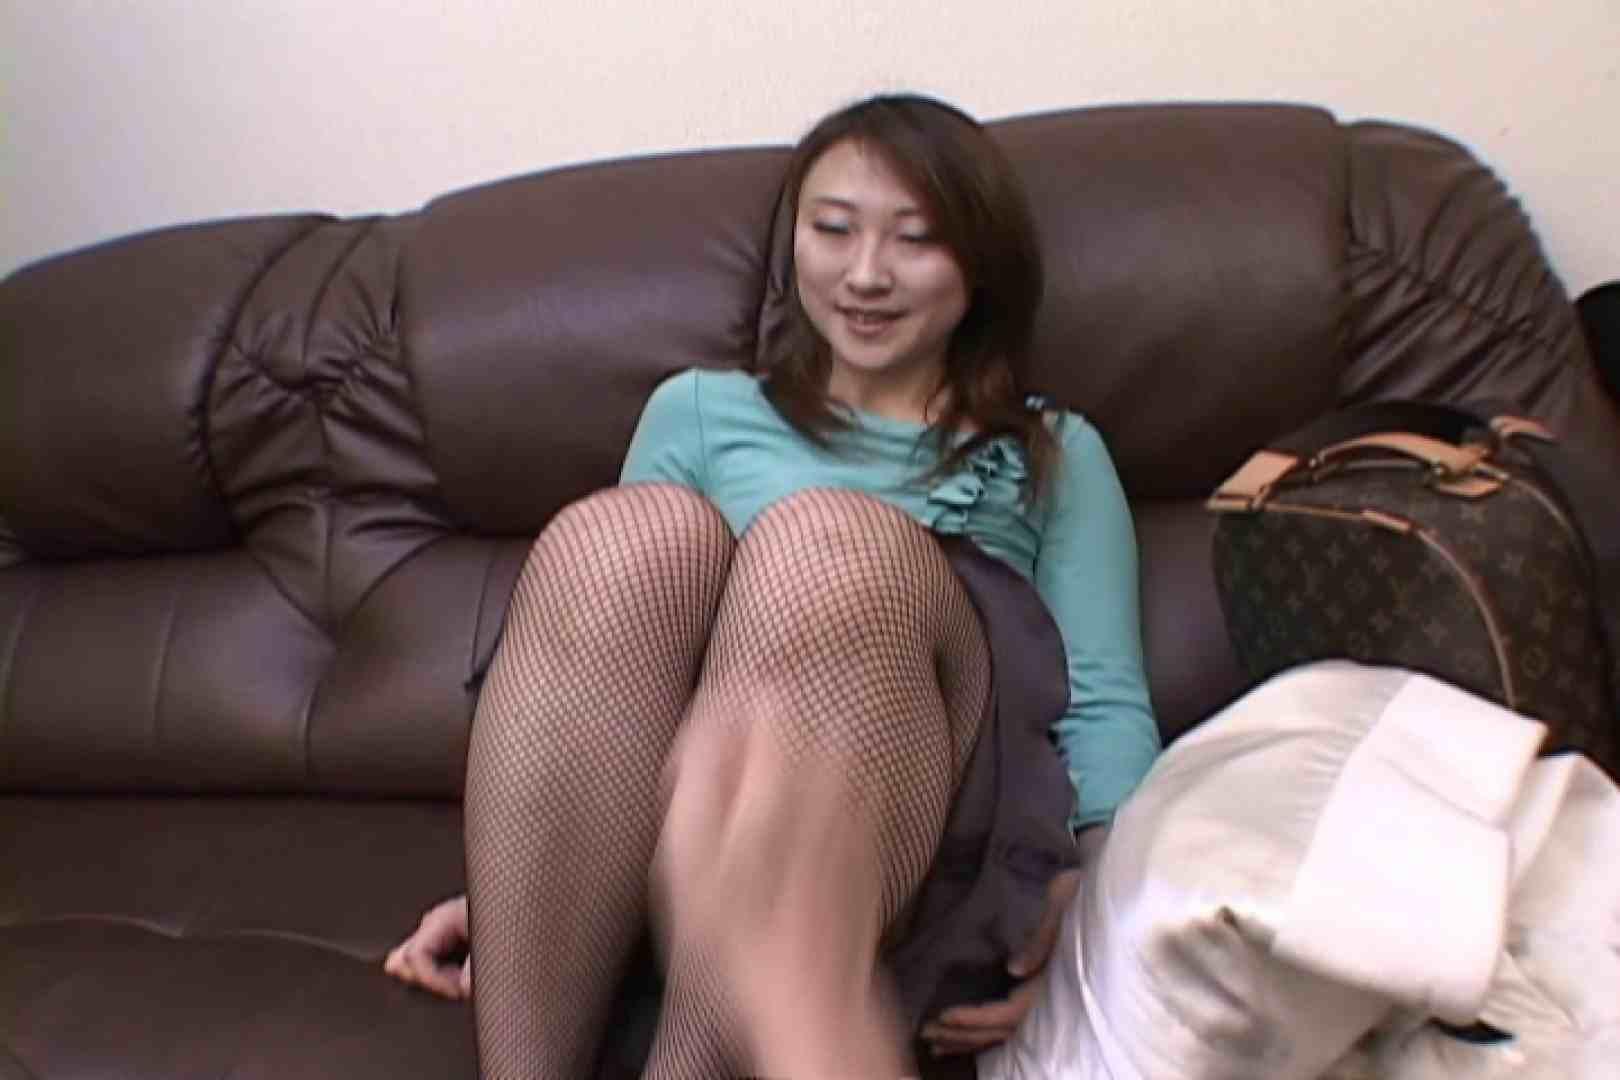 オナニー好きの綺麗なお姉さんと楽しくSEX~姫野あかね~ オナニー特集 | 企画物  53画像 27